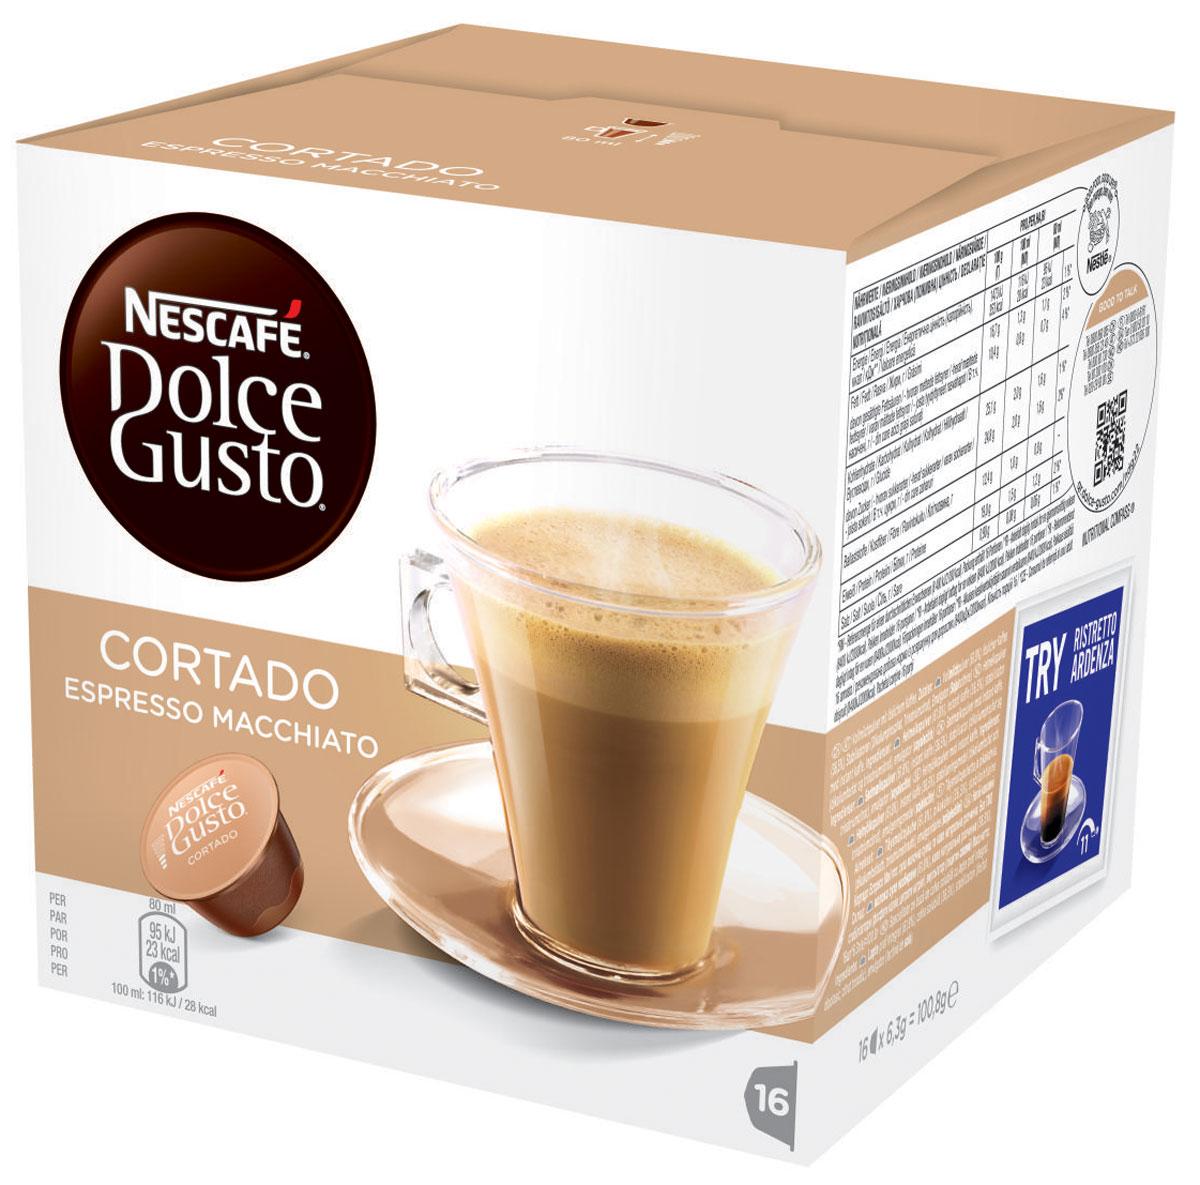 Nescafe Dolce Gusto Cortado (эспрессо с молоком) кофе в капсулах, 16 шт12121894Теплые и богатые напитки эспрессо макиато абсолютно изумительны. Испанцы называют их Cortado. Nescafe называет их вкусняшки.Эти продуманные напитки состоят из богатой композиции кофе и молока – все в одной капсуле. Идеальные для употребления на ходу или для долгого смакования в любое время дня – эти напитки эспрессо будут великолепным дополнением к любой кофейной коллекции.Натуральные, с ярким ароматом, капсулы эспрессо макиато сохраняют аппетитную насыщенность классического эспрессо, а молоко добавляет напитку нечто особенное. Бархатистая пенка – обязательное украшение для любого эспрессо, а у этого кофе она имеет фантастический вкус с самого первого глотка. Но самое лучшее то, что этот кофе чрезвычайно просто приготовить, поскольку и молоко, и композиция эспрессо искусно смешаны в одной капсуле.